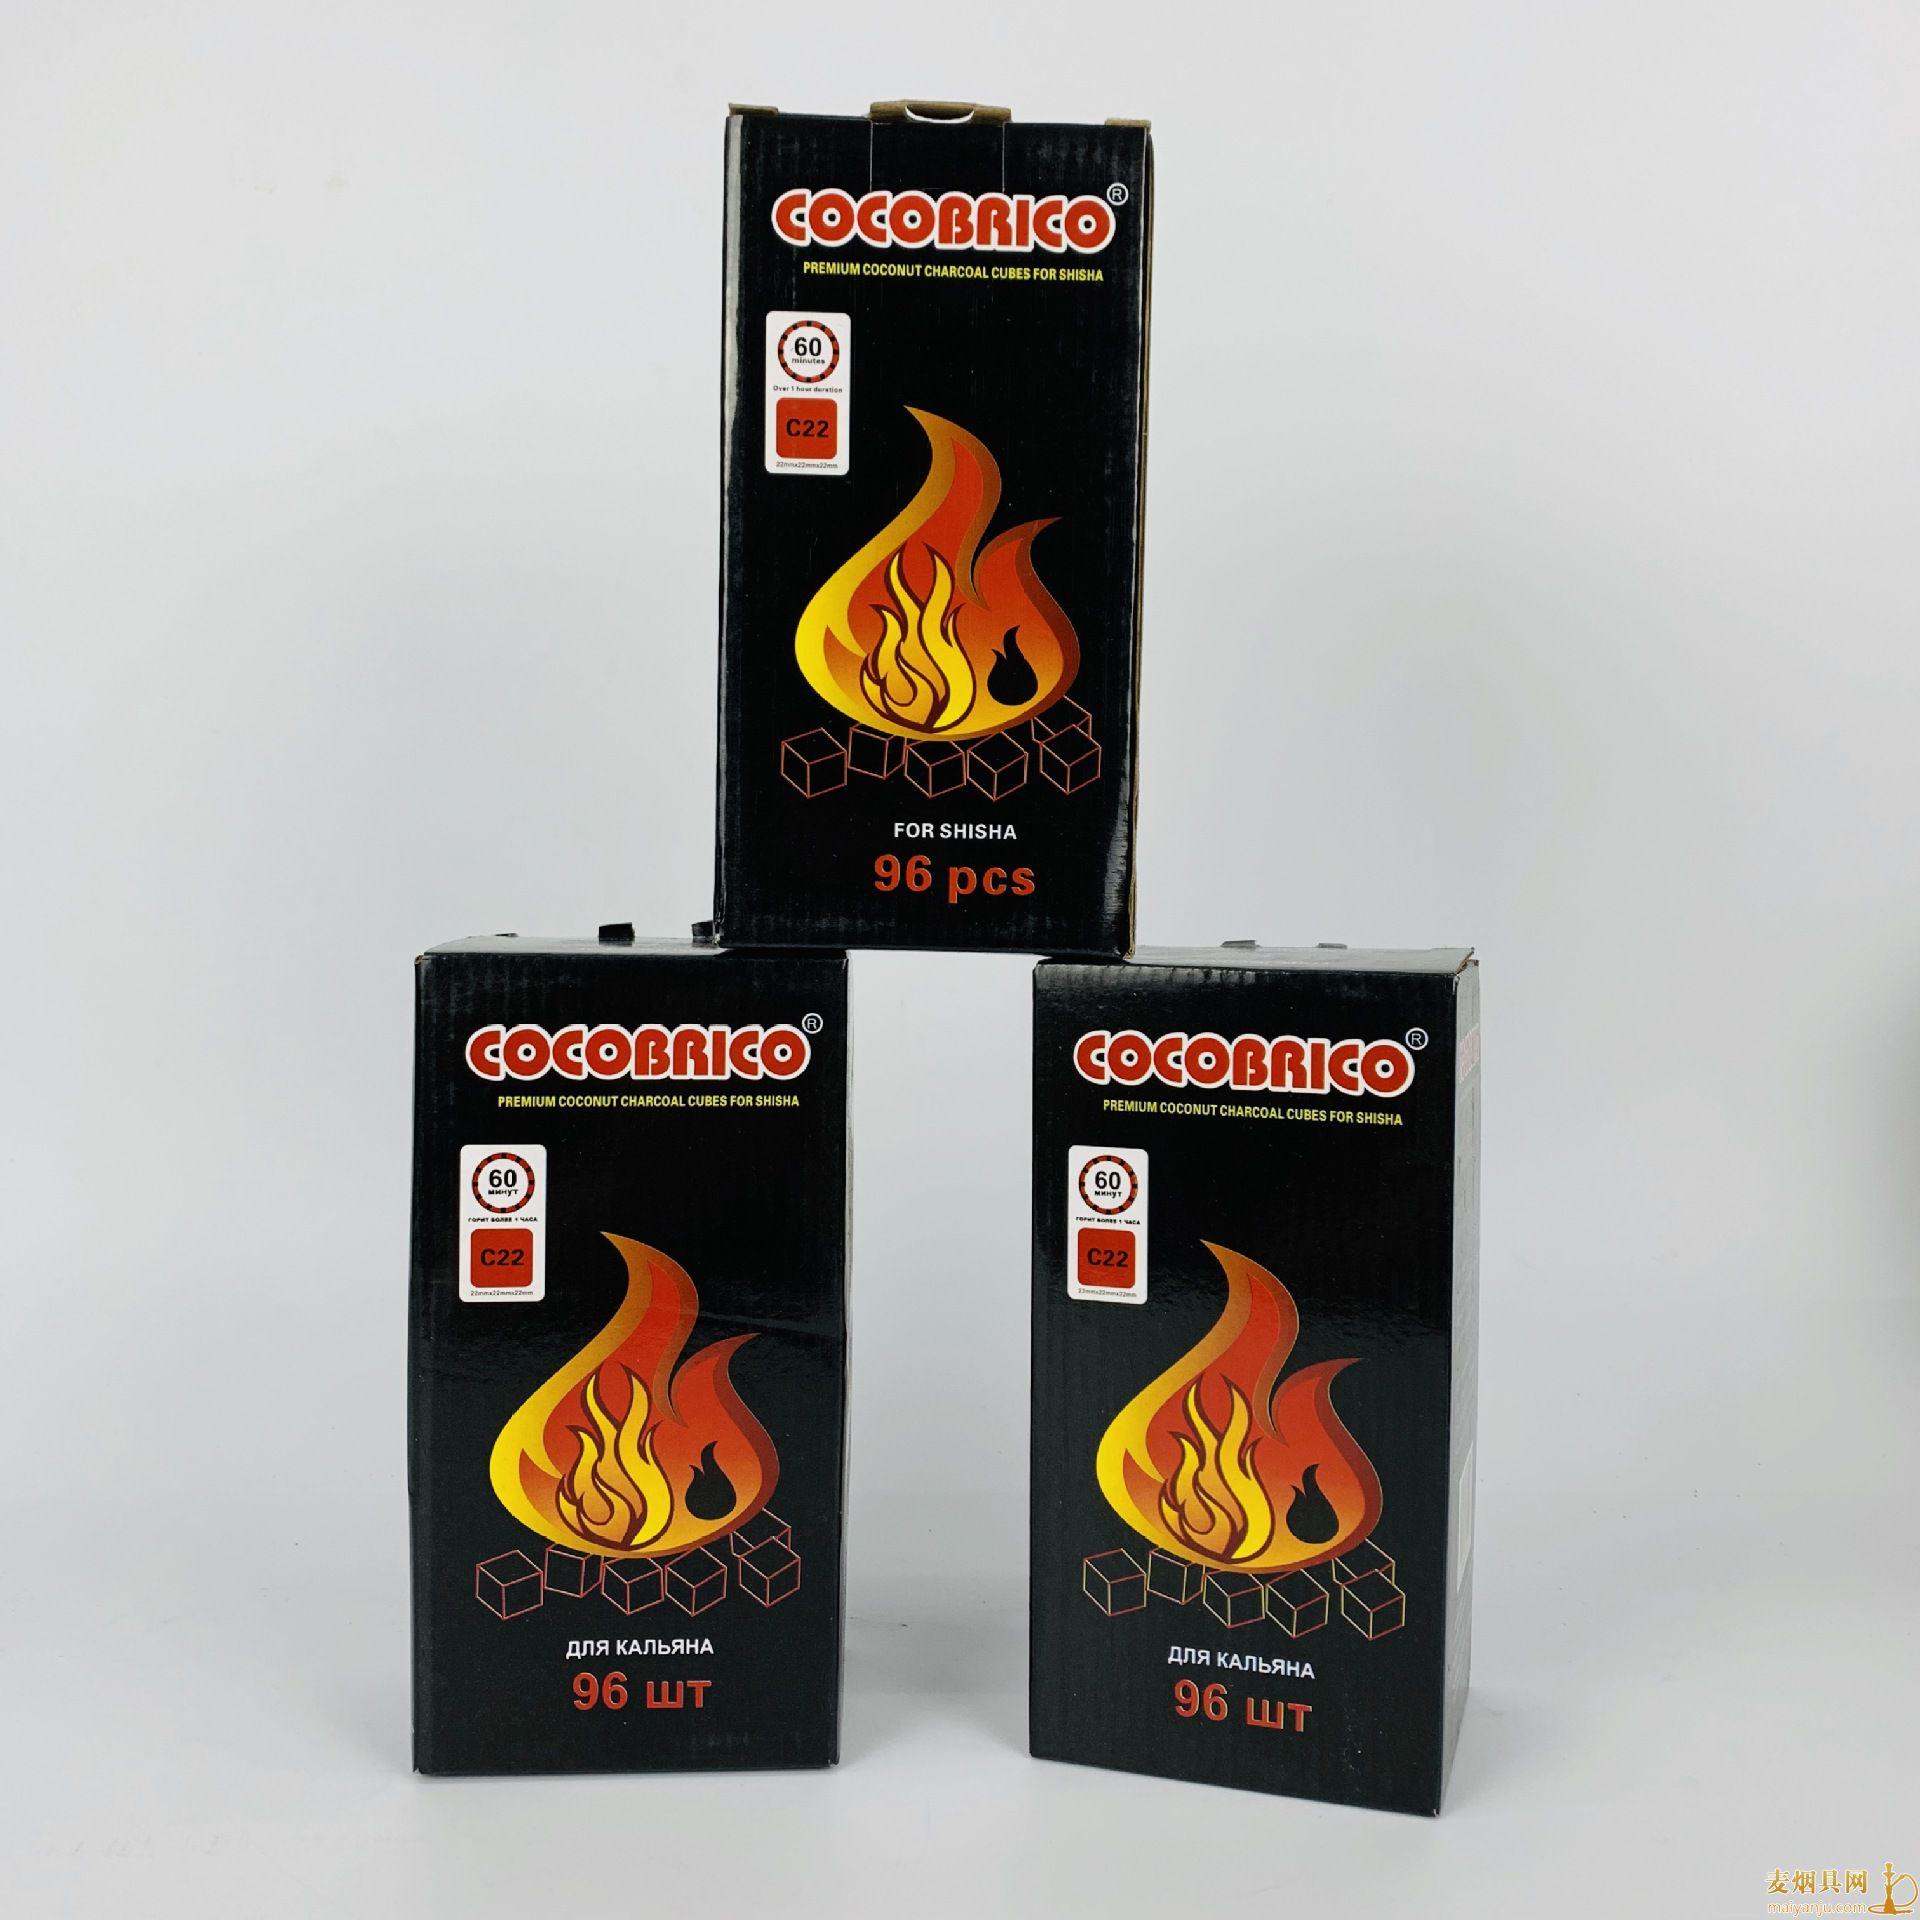 阿拉伯水烟慢燃方碳cocobrico椰壳碳 图片价格 能燃烧多久